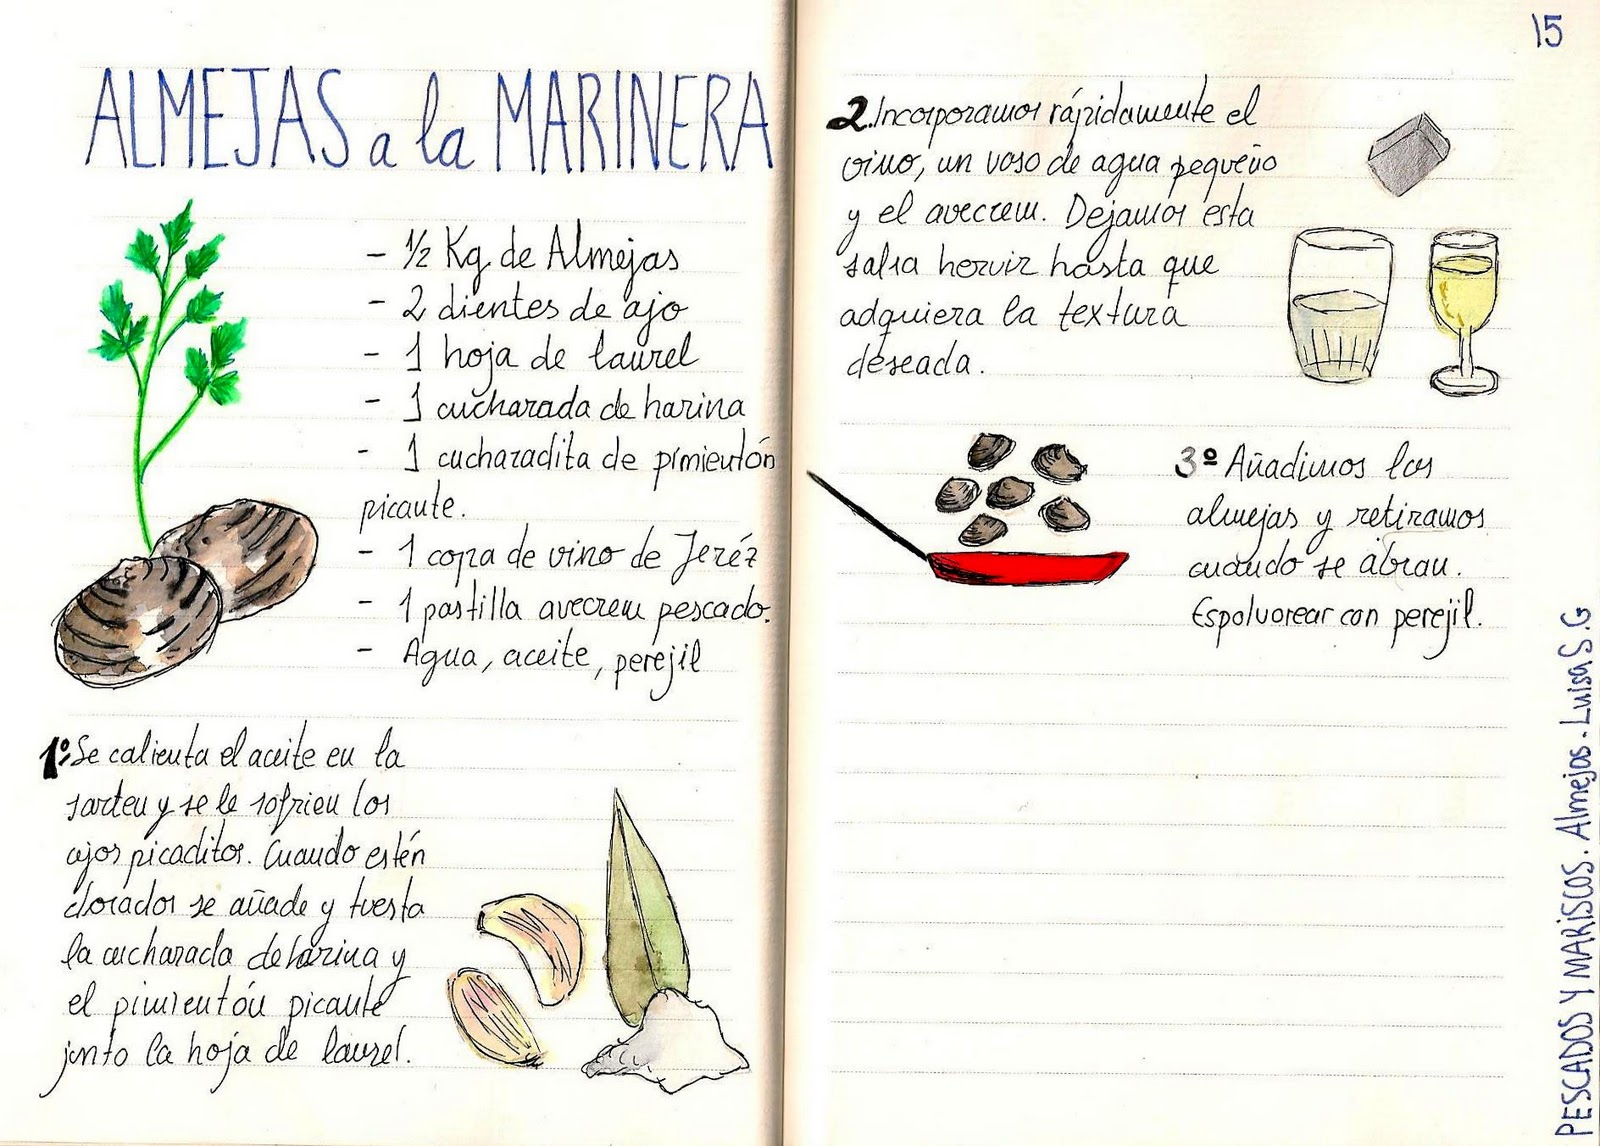 Almejas a la marinera cocina recetas pinterest - Cocimax recetas ...